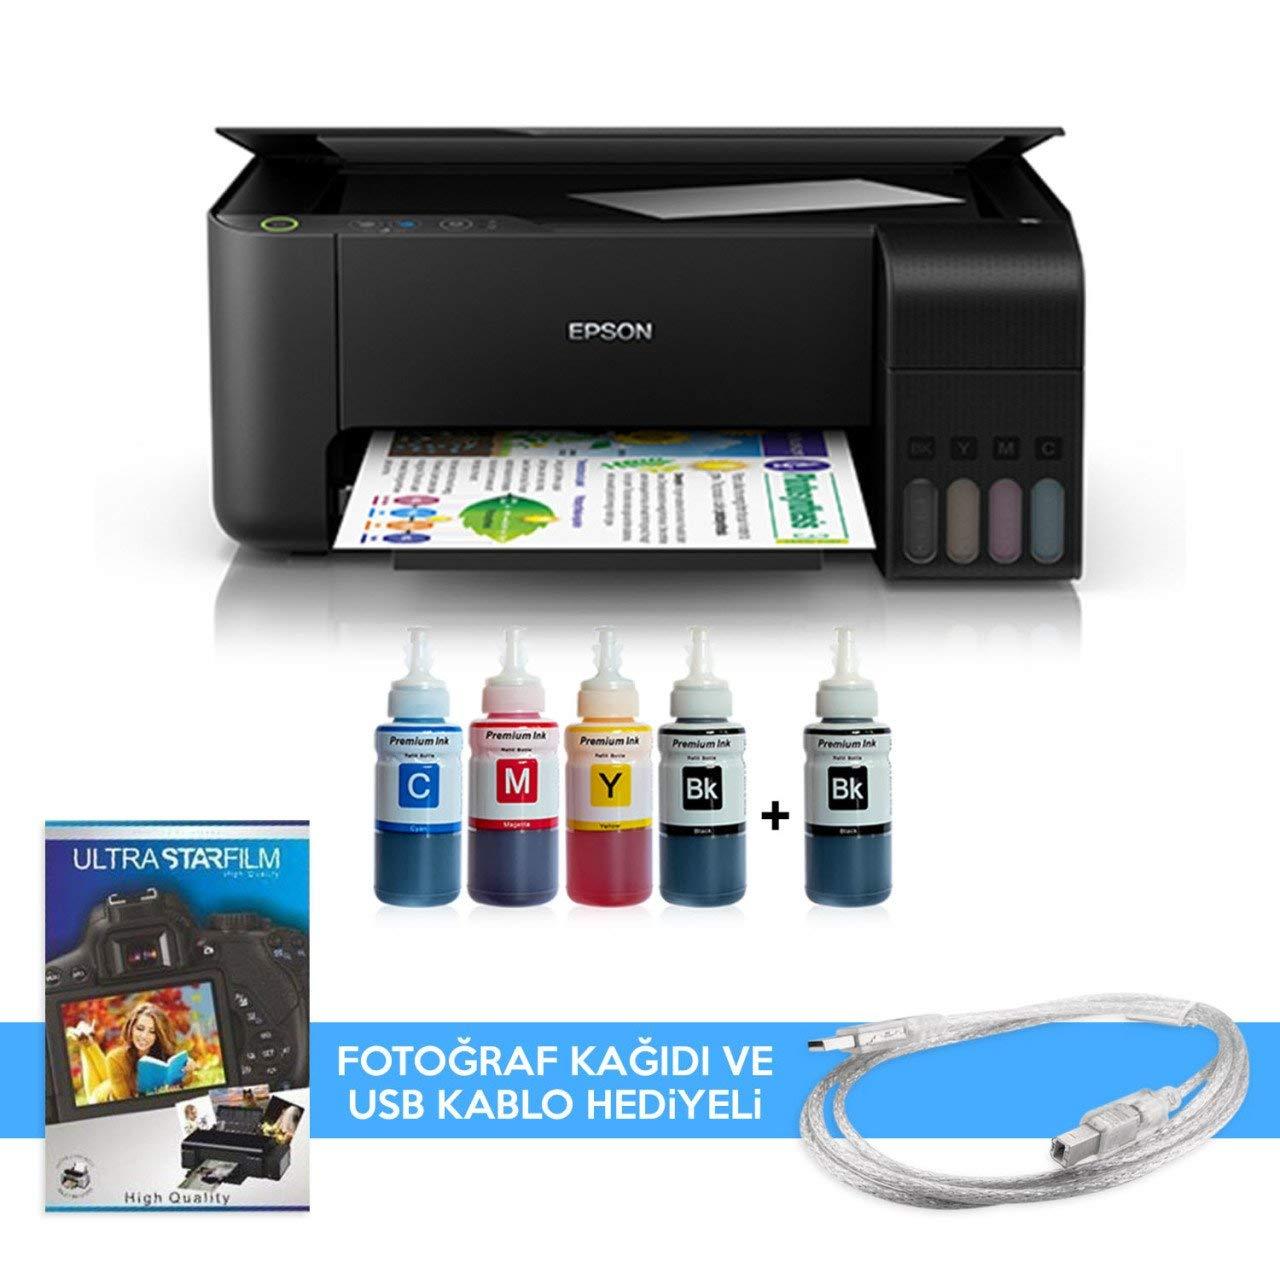 Epson Tanklı L3110 Photoink Mürekkepli Yazıcı 4 Renk Bitmeyen Kartuşlu (2  Siyah Mürekkep Hediyeli): Amazon.com.tr